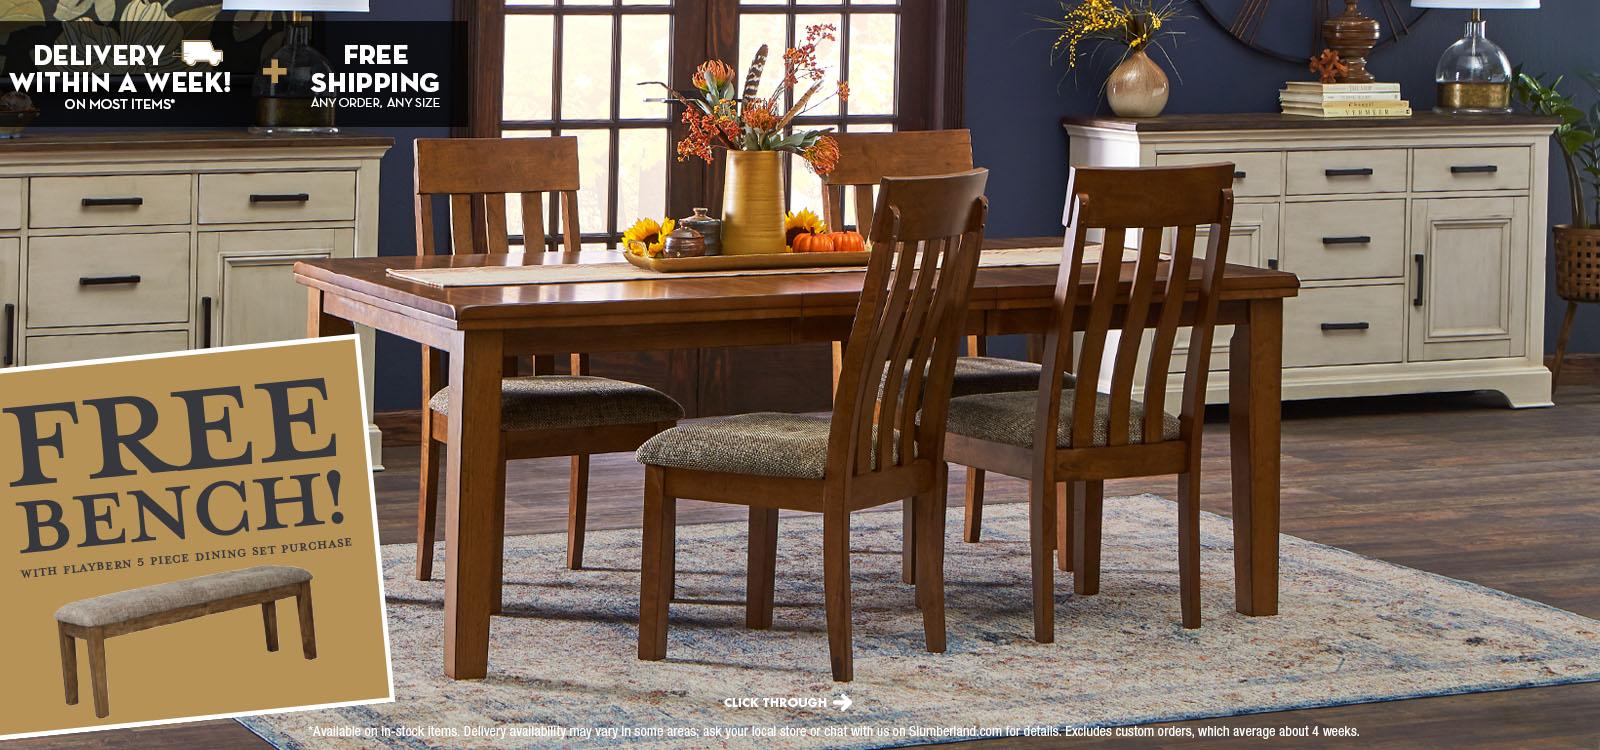 Slumberland Online Store | Slumberland Furniture on